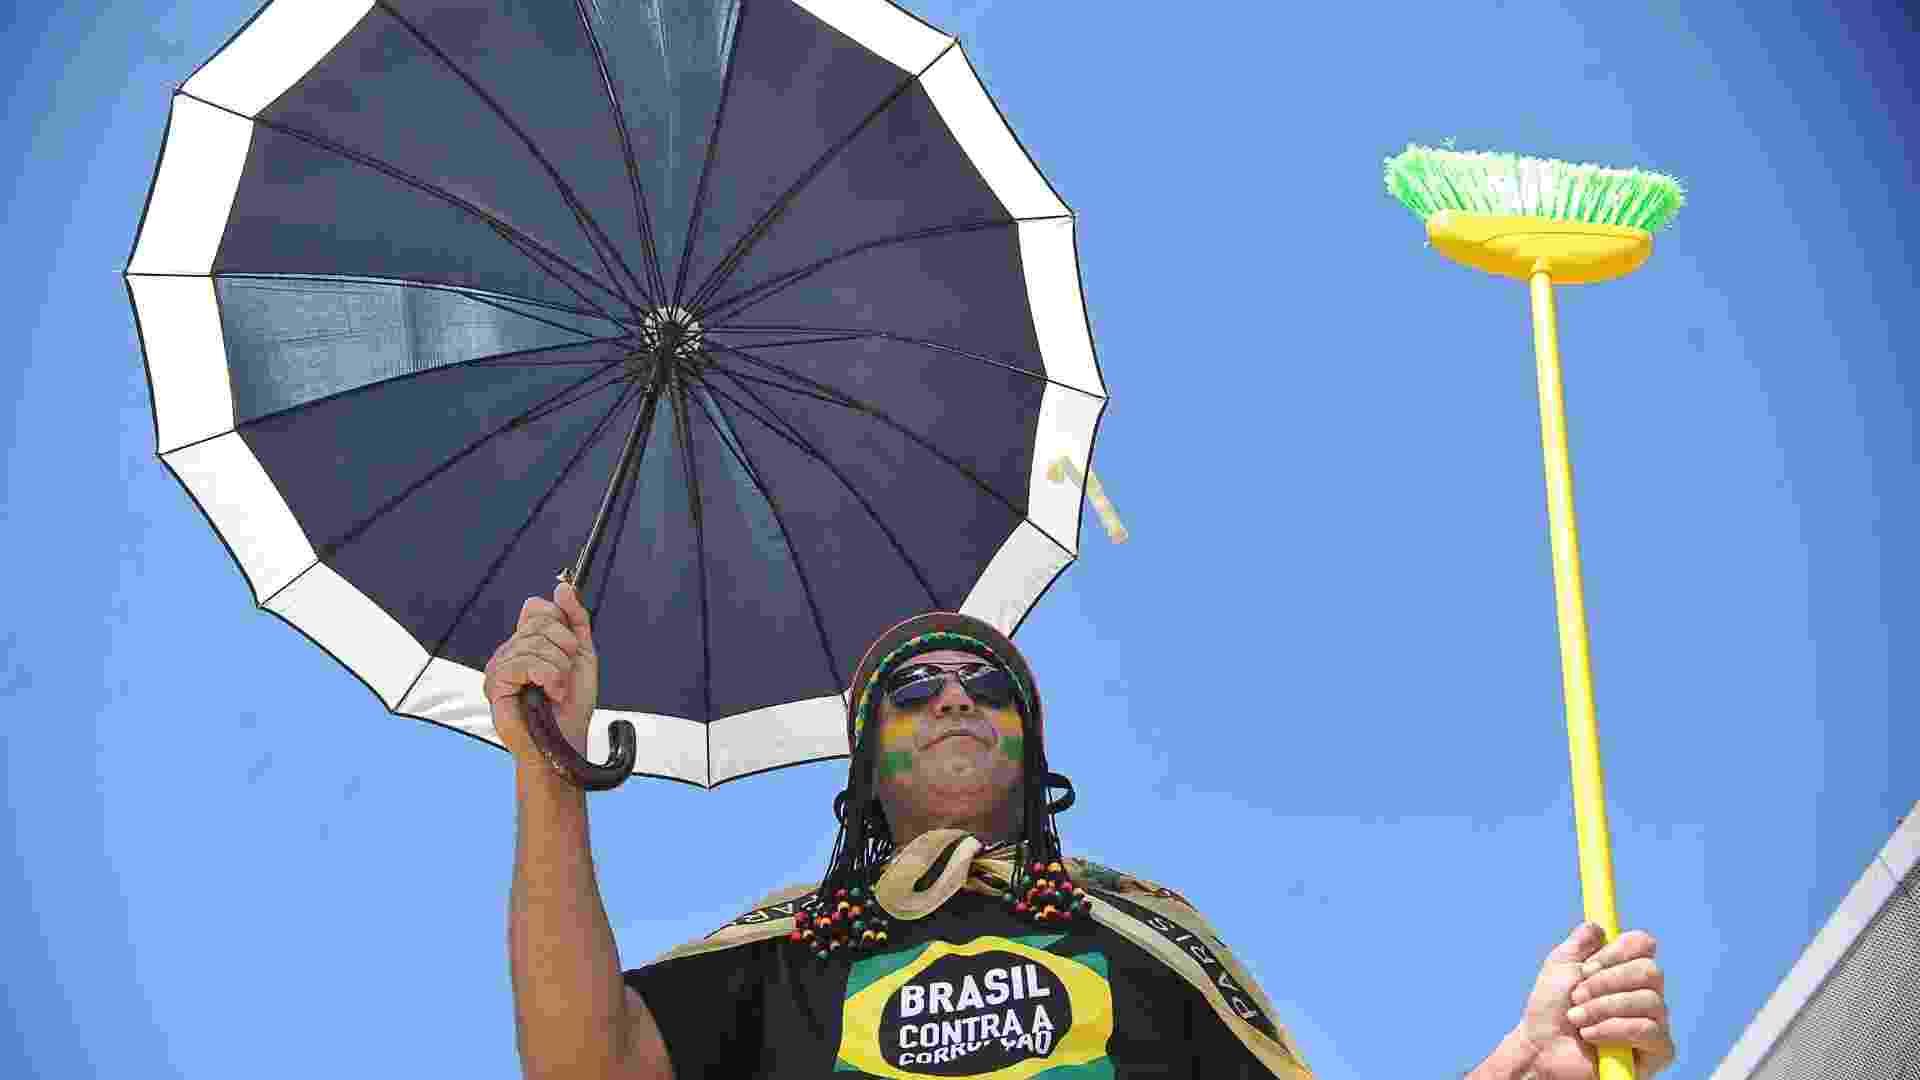 O Movimento Brasil Contra a Corrupção, grupo apartidário, realiza Marcha Contra a Corrupção em Brasília - Antonio Cruz/Agência Brasil